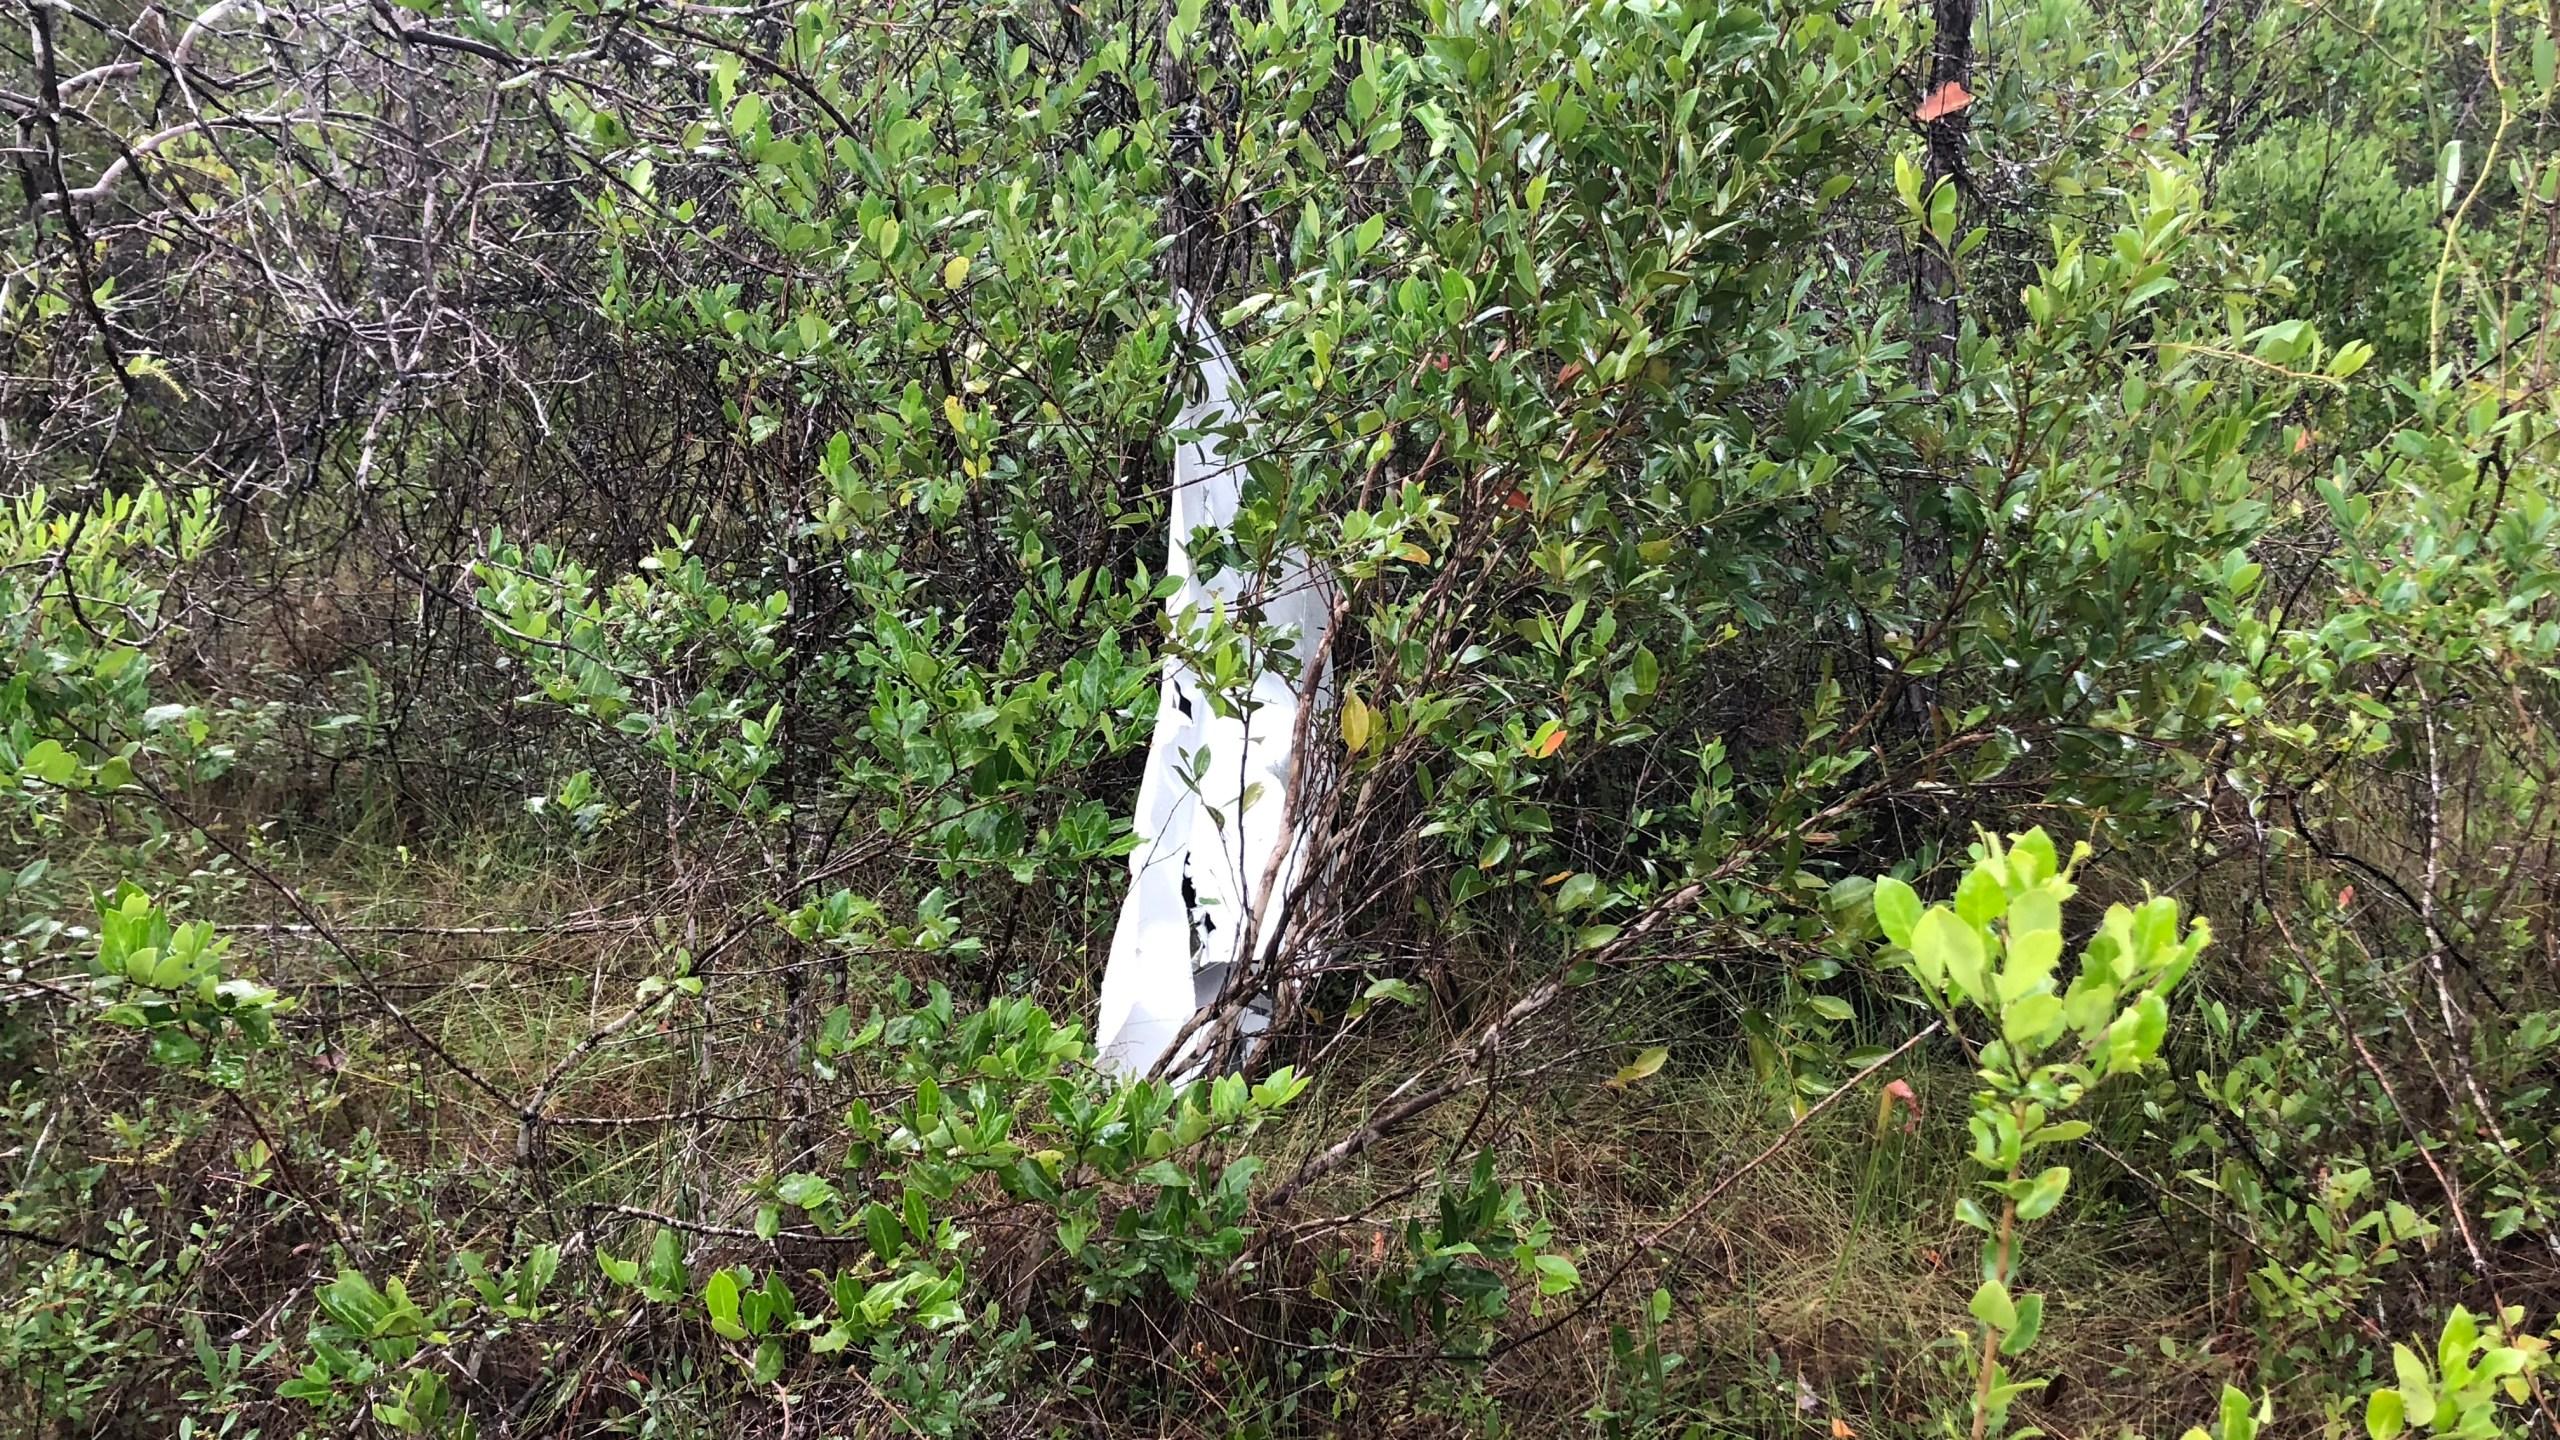 plane crash 4_1530991848493.jpg-842137442.jpg